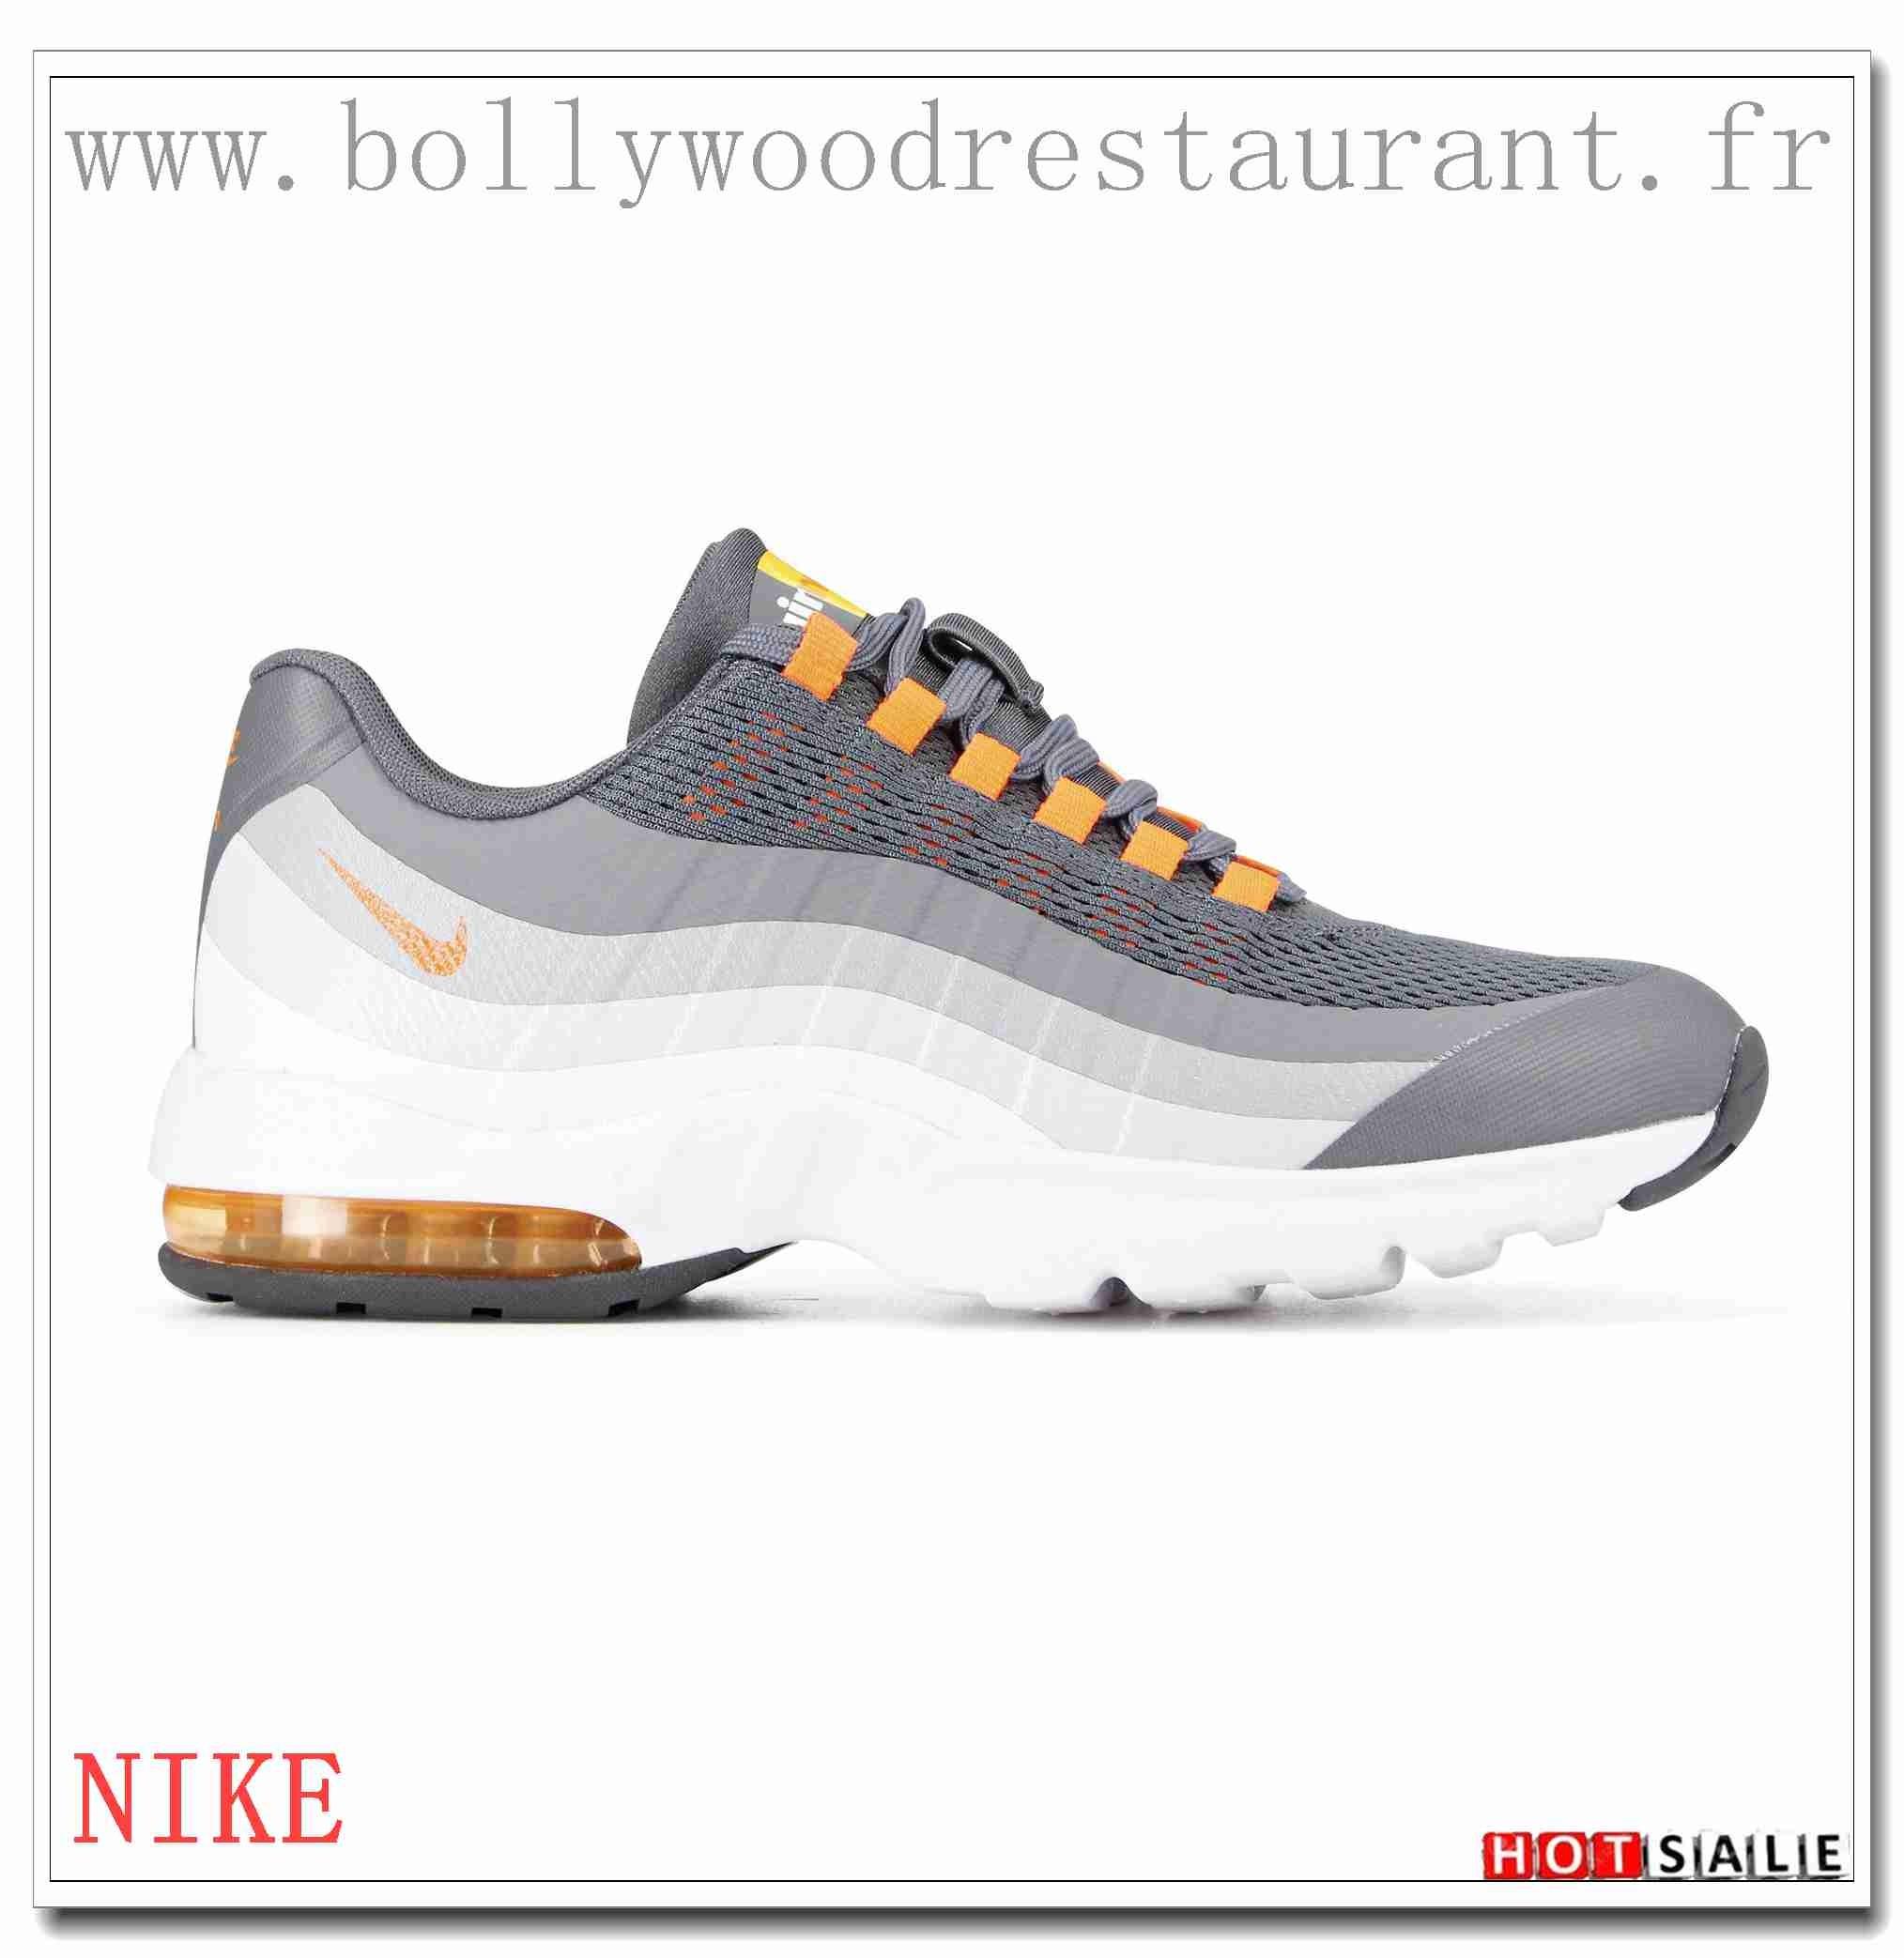 Chaussure 2018 Nike Nouveauté Chaussure Chaussure Nouveauté Nike Nouveauté Nike 2018 mn8N0wv